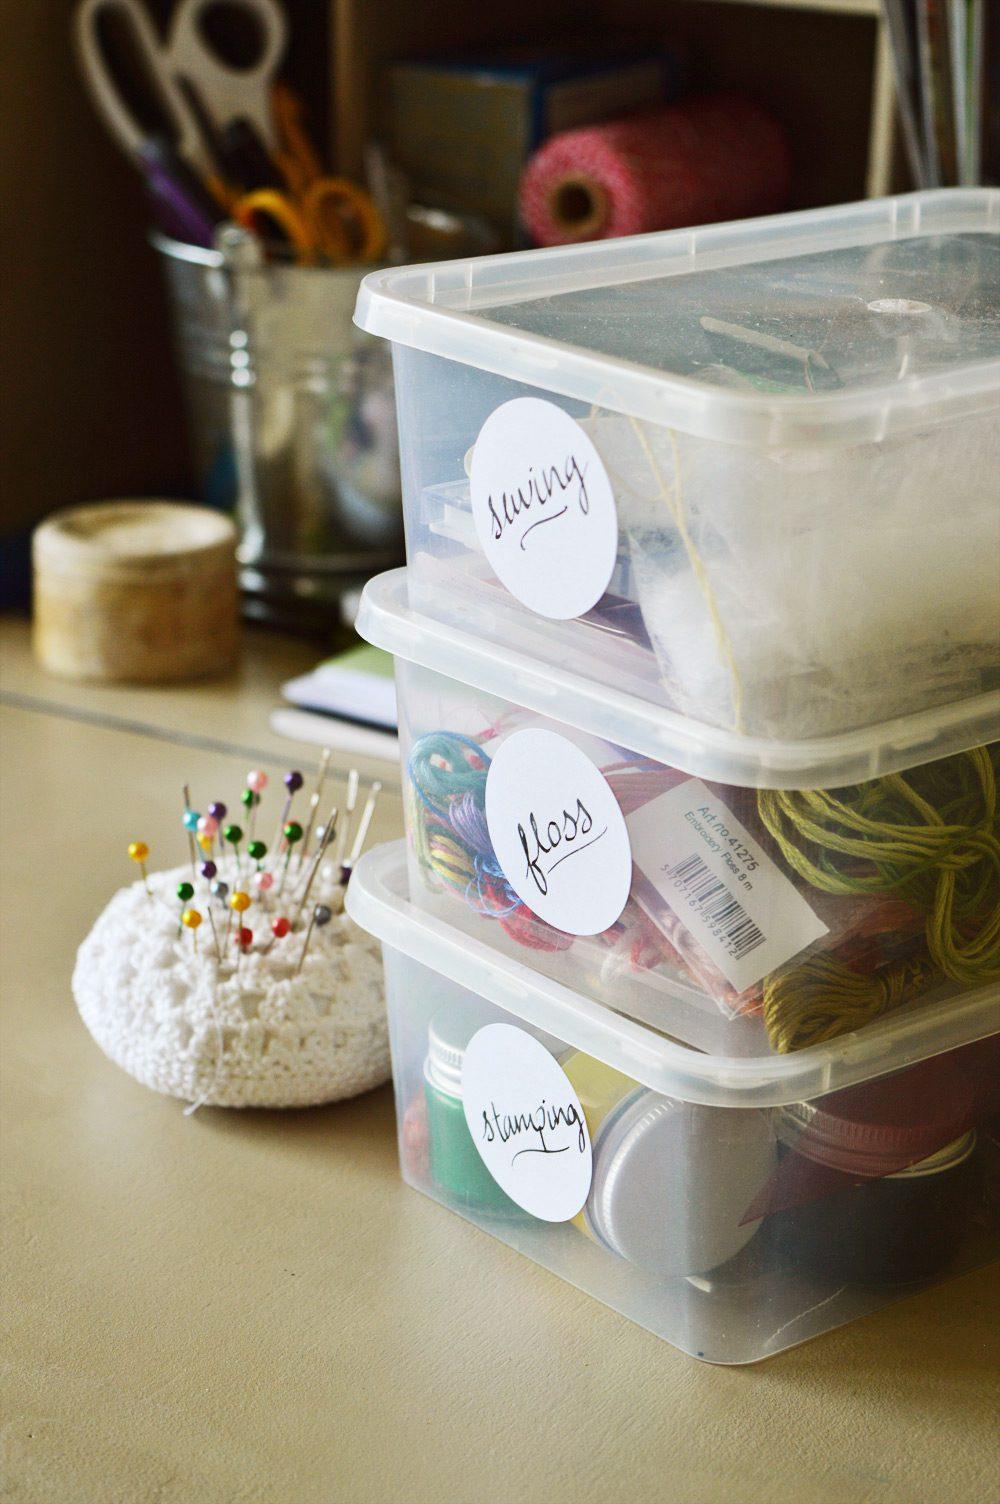 Organising craft materials